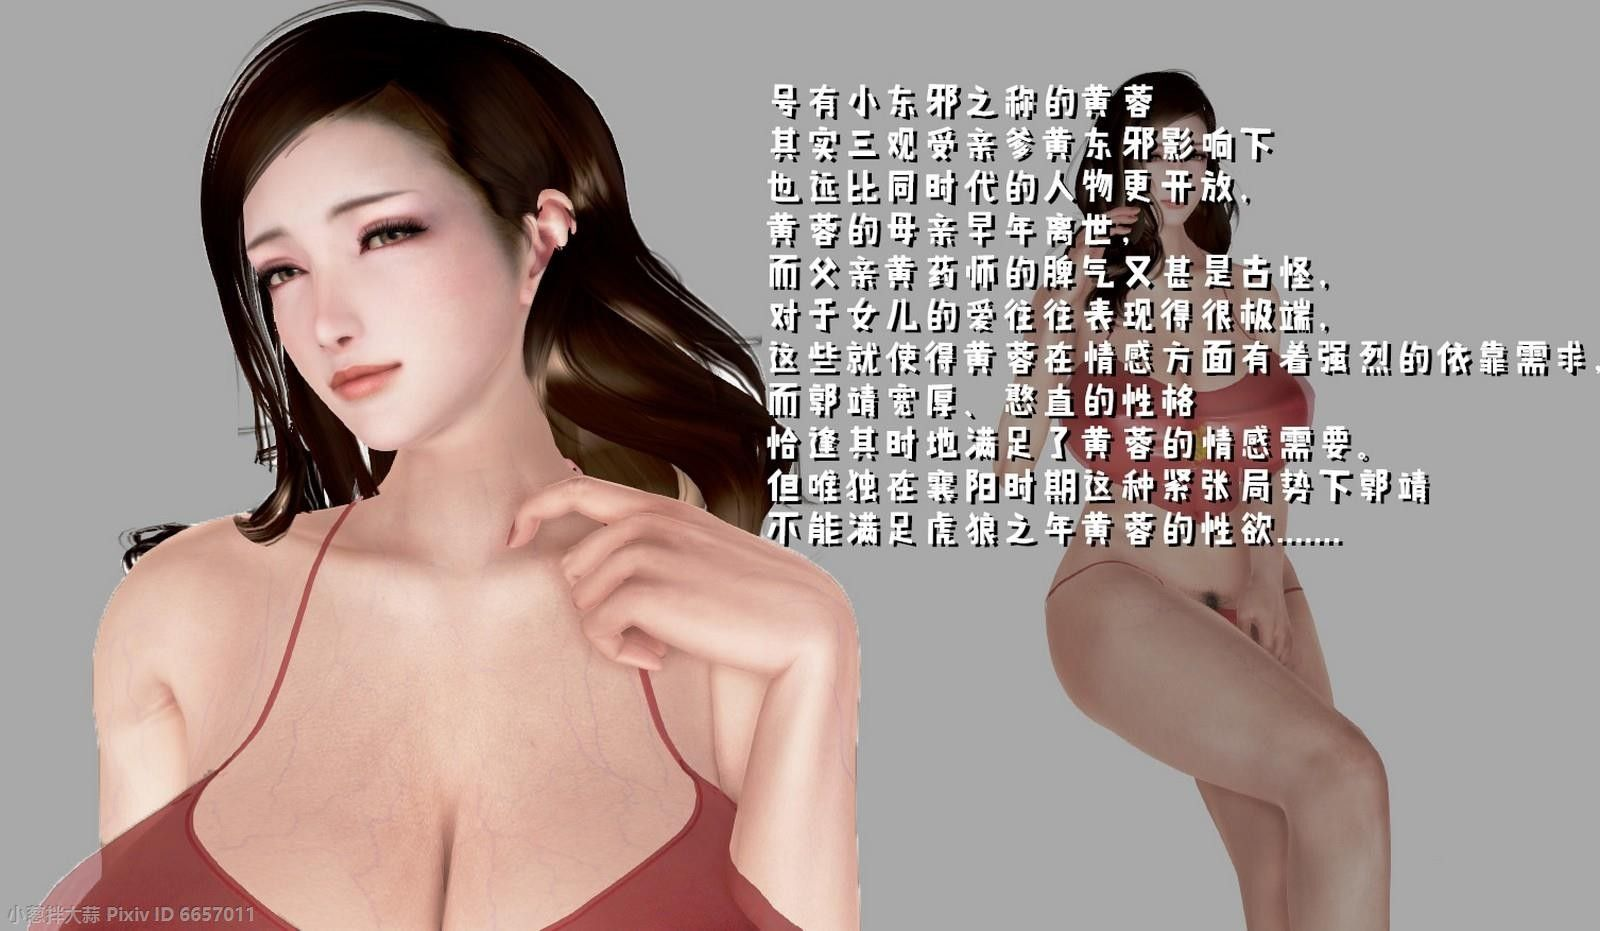 【3D漫画】出轨的黄蓉